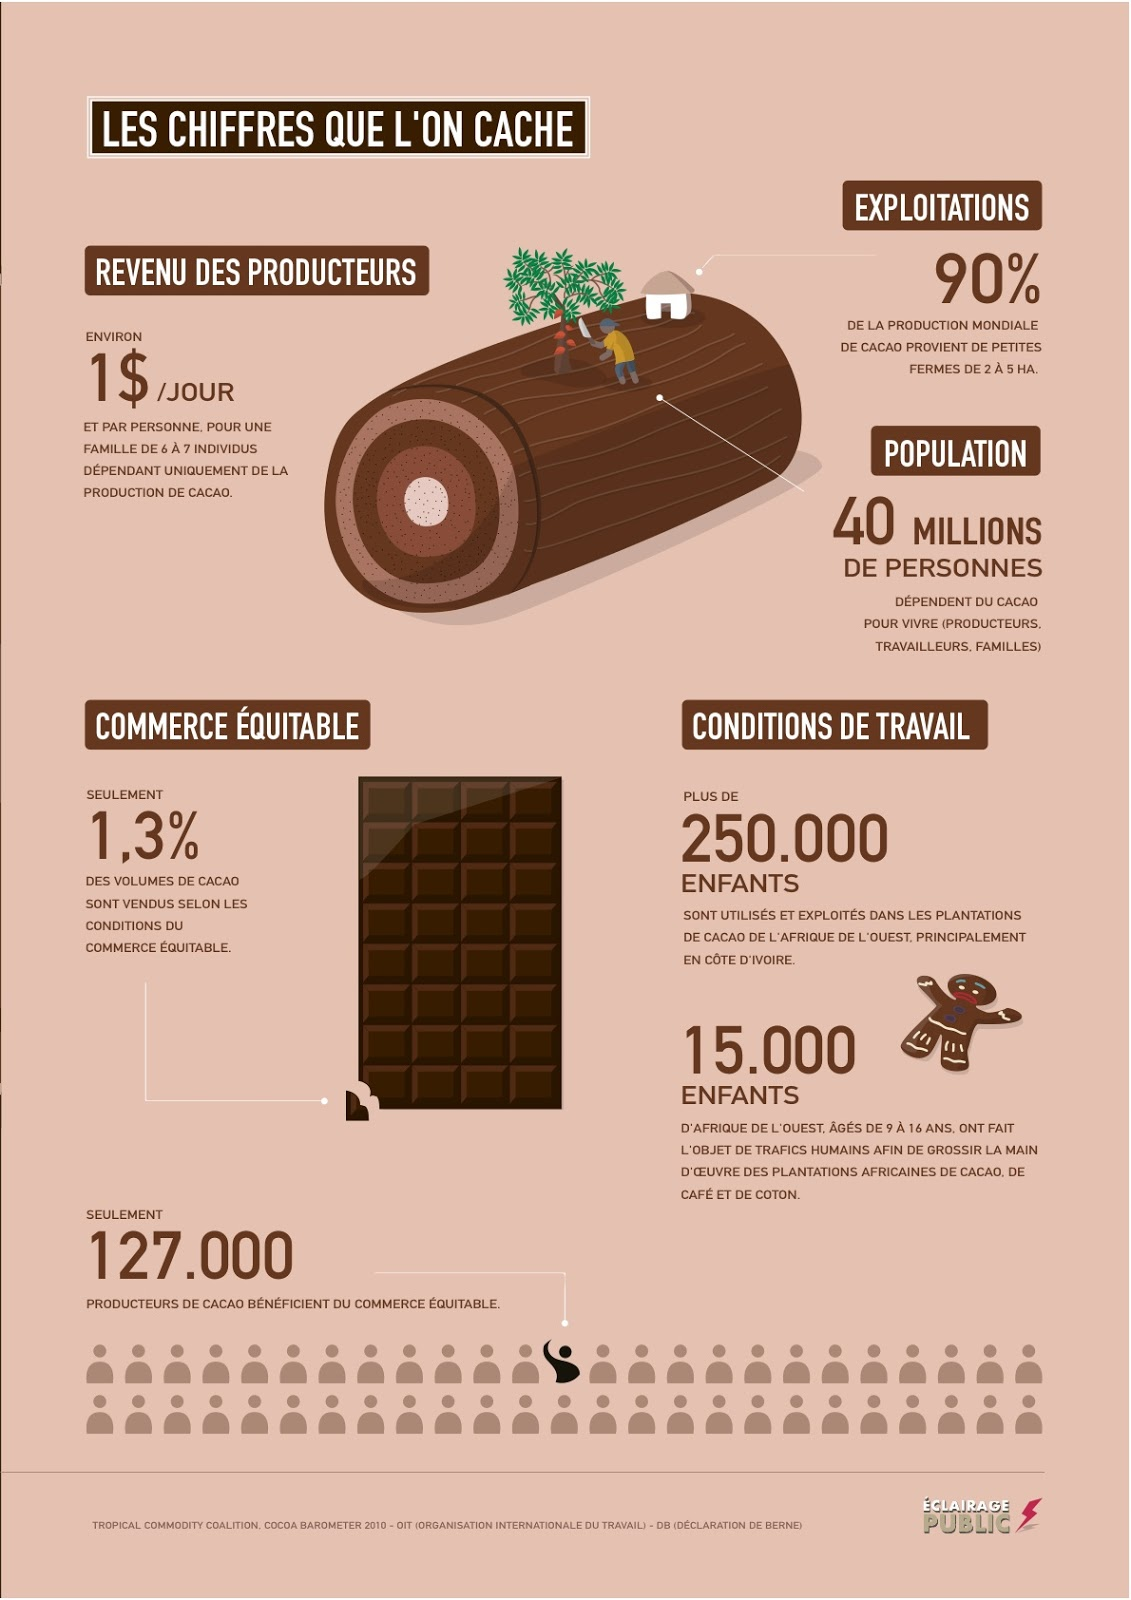 CACAO / Commerce équitable : le point sur les critères | GUIDE DU ...